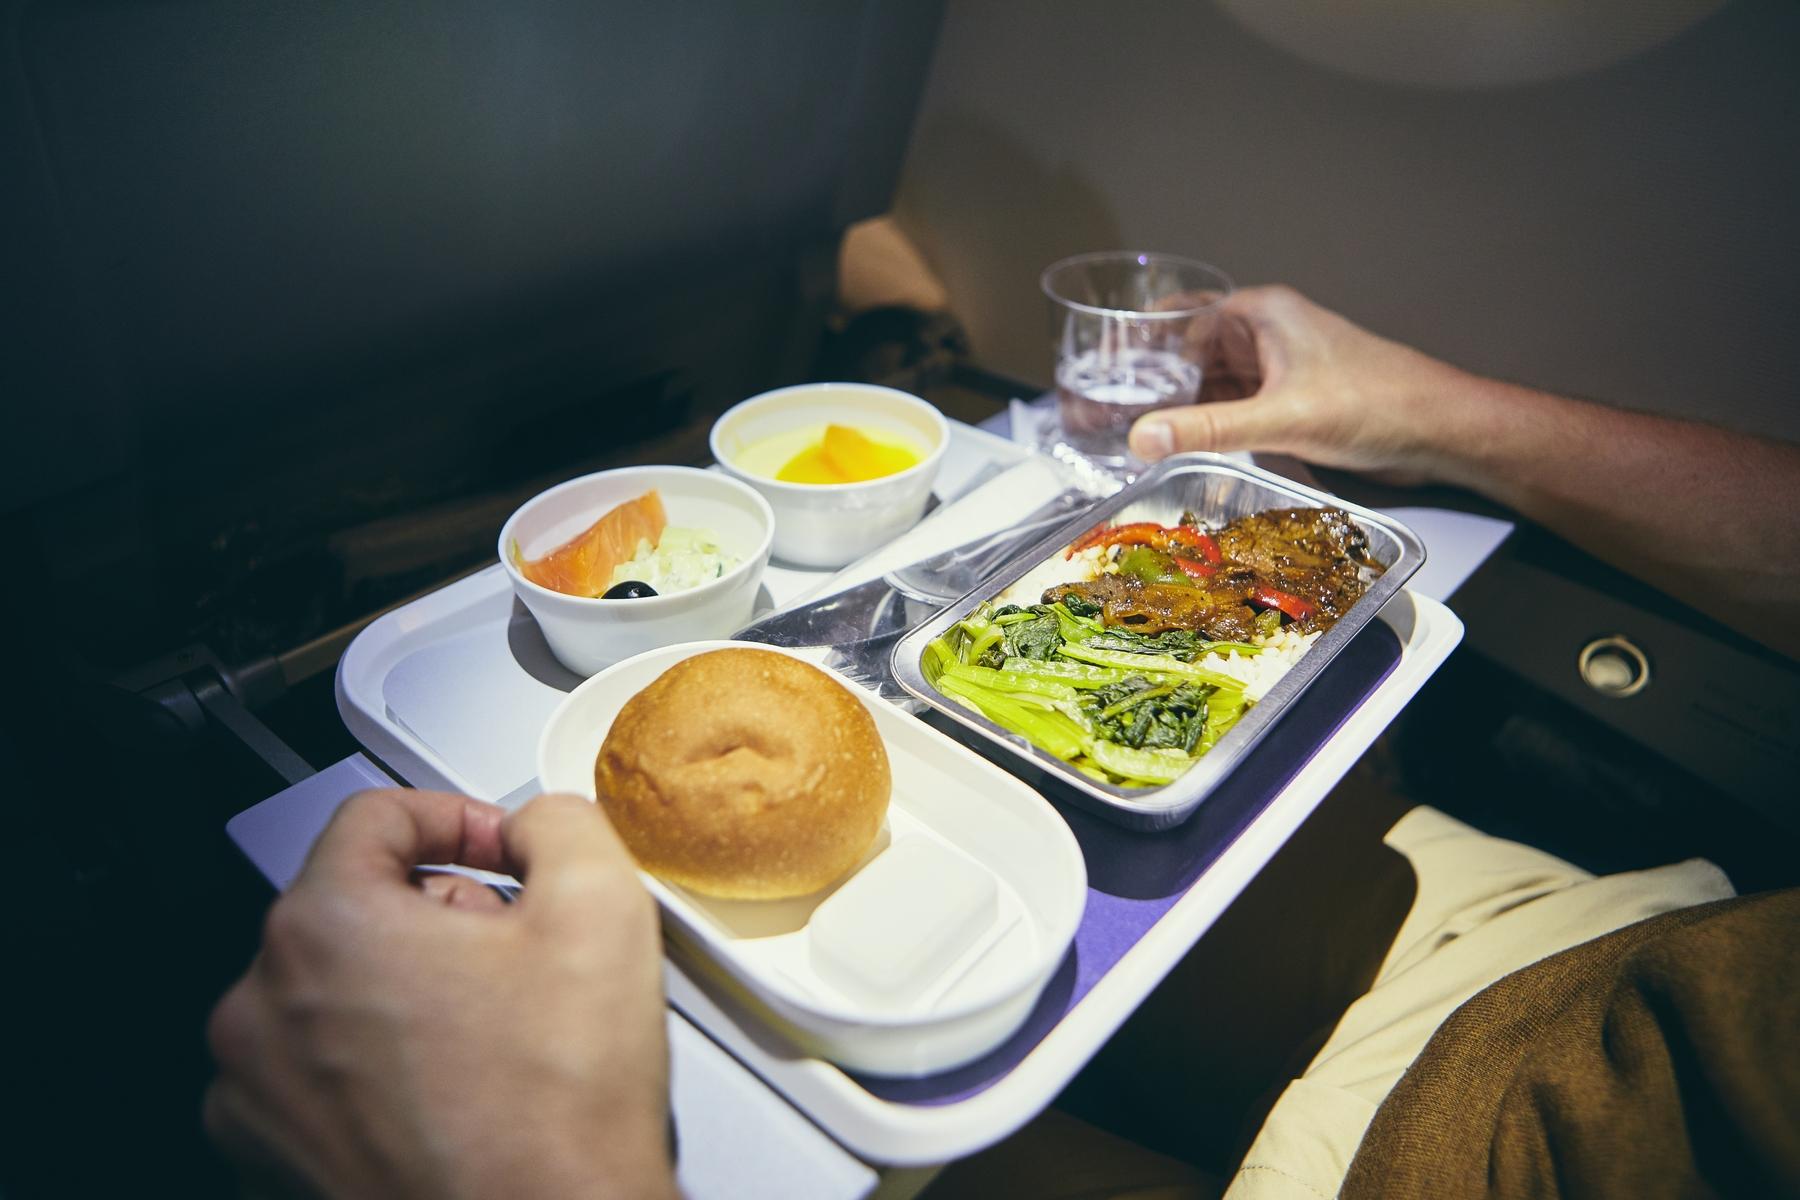 Горячее питание на длительном рейсе экономкласса